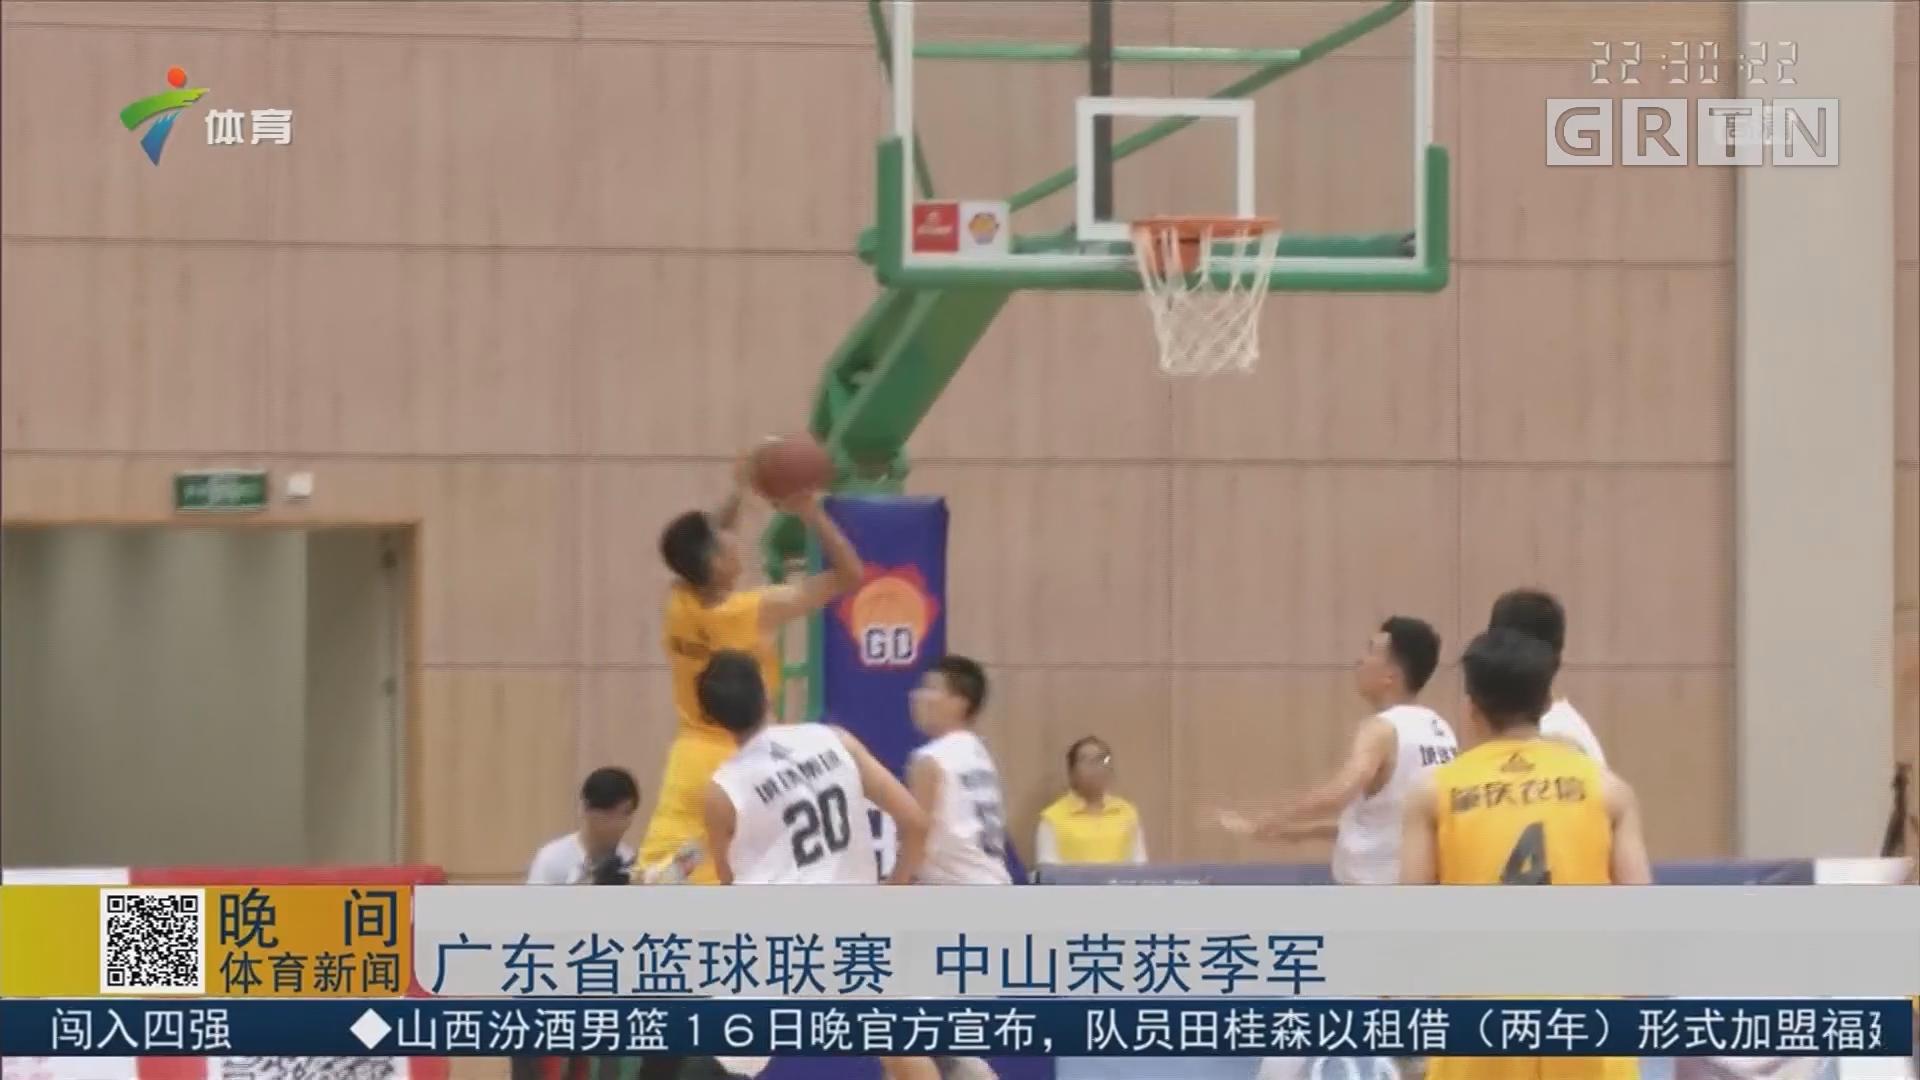 广东省篮球联赛 中山荣获季军